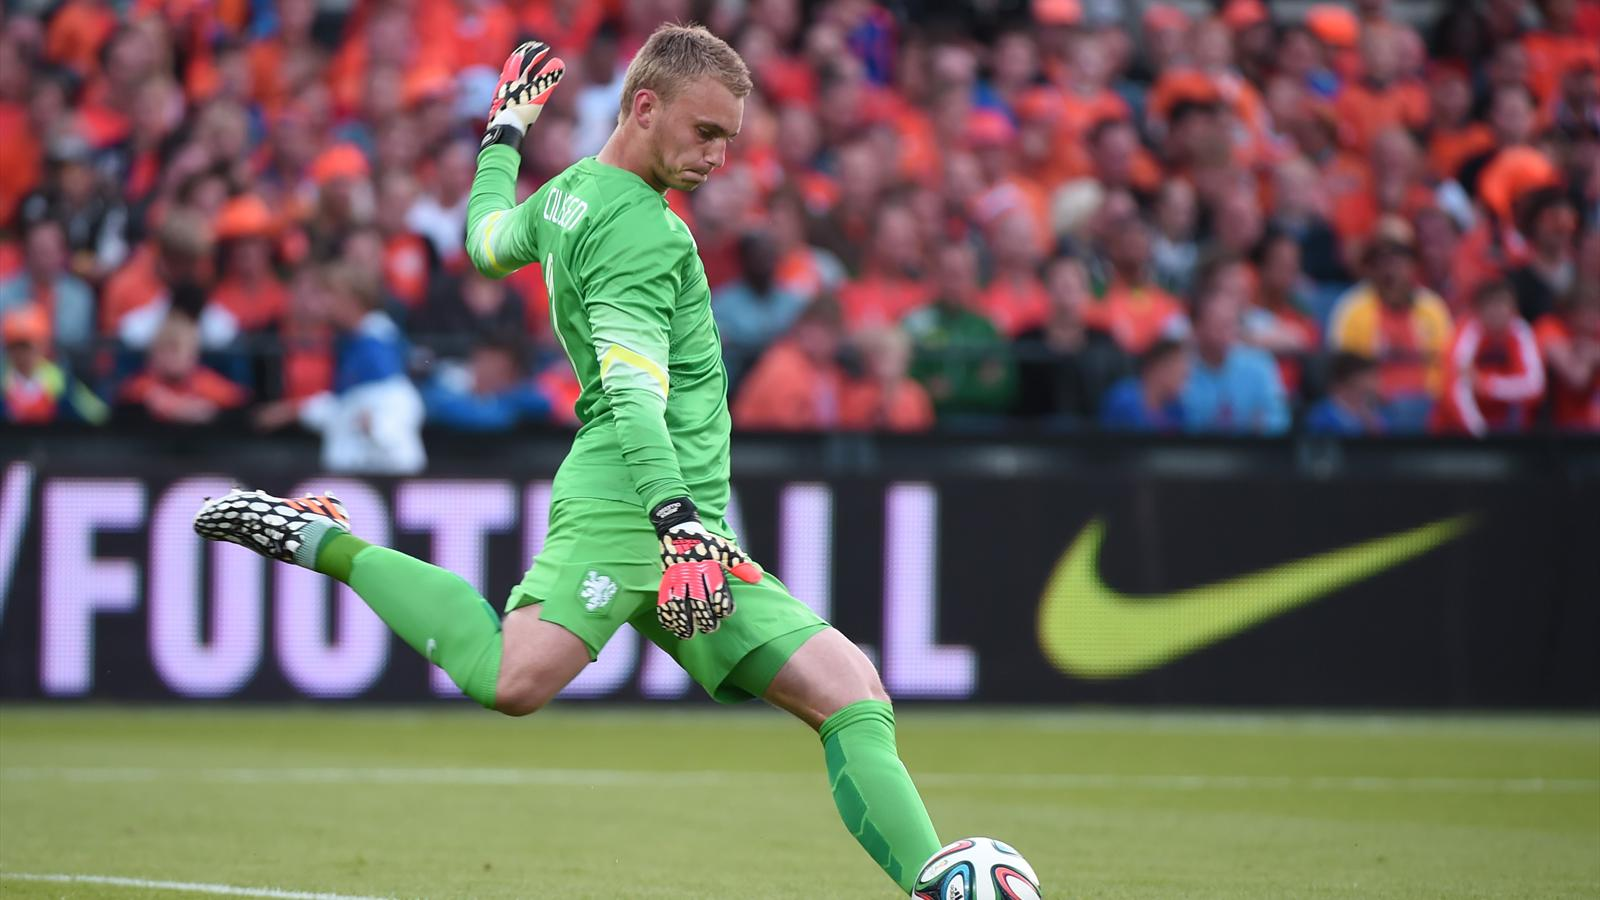 Netherlands goalkeeper Jasper Cillessen